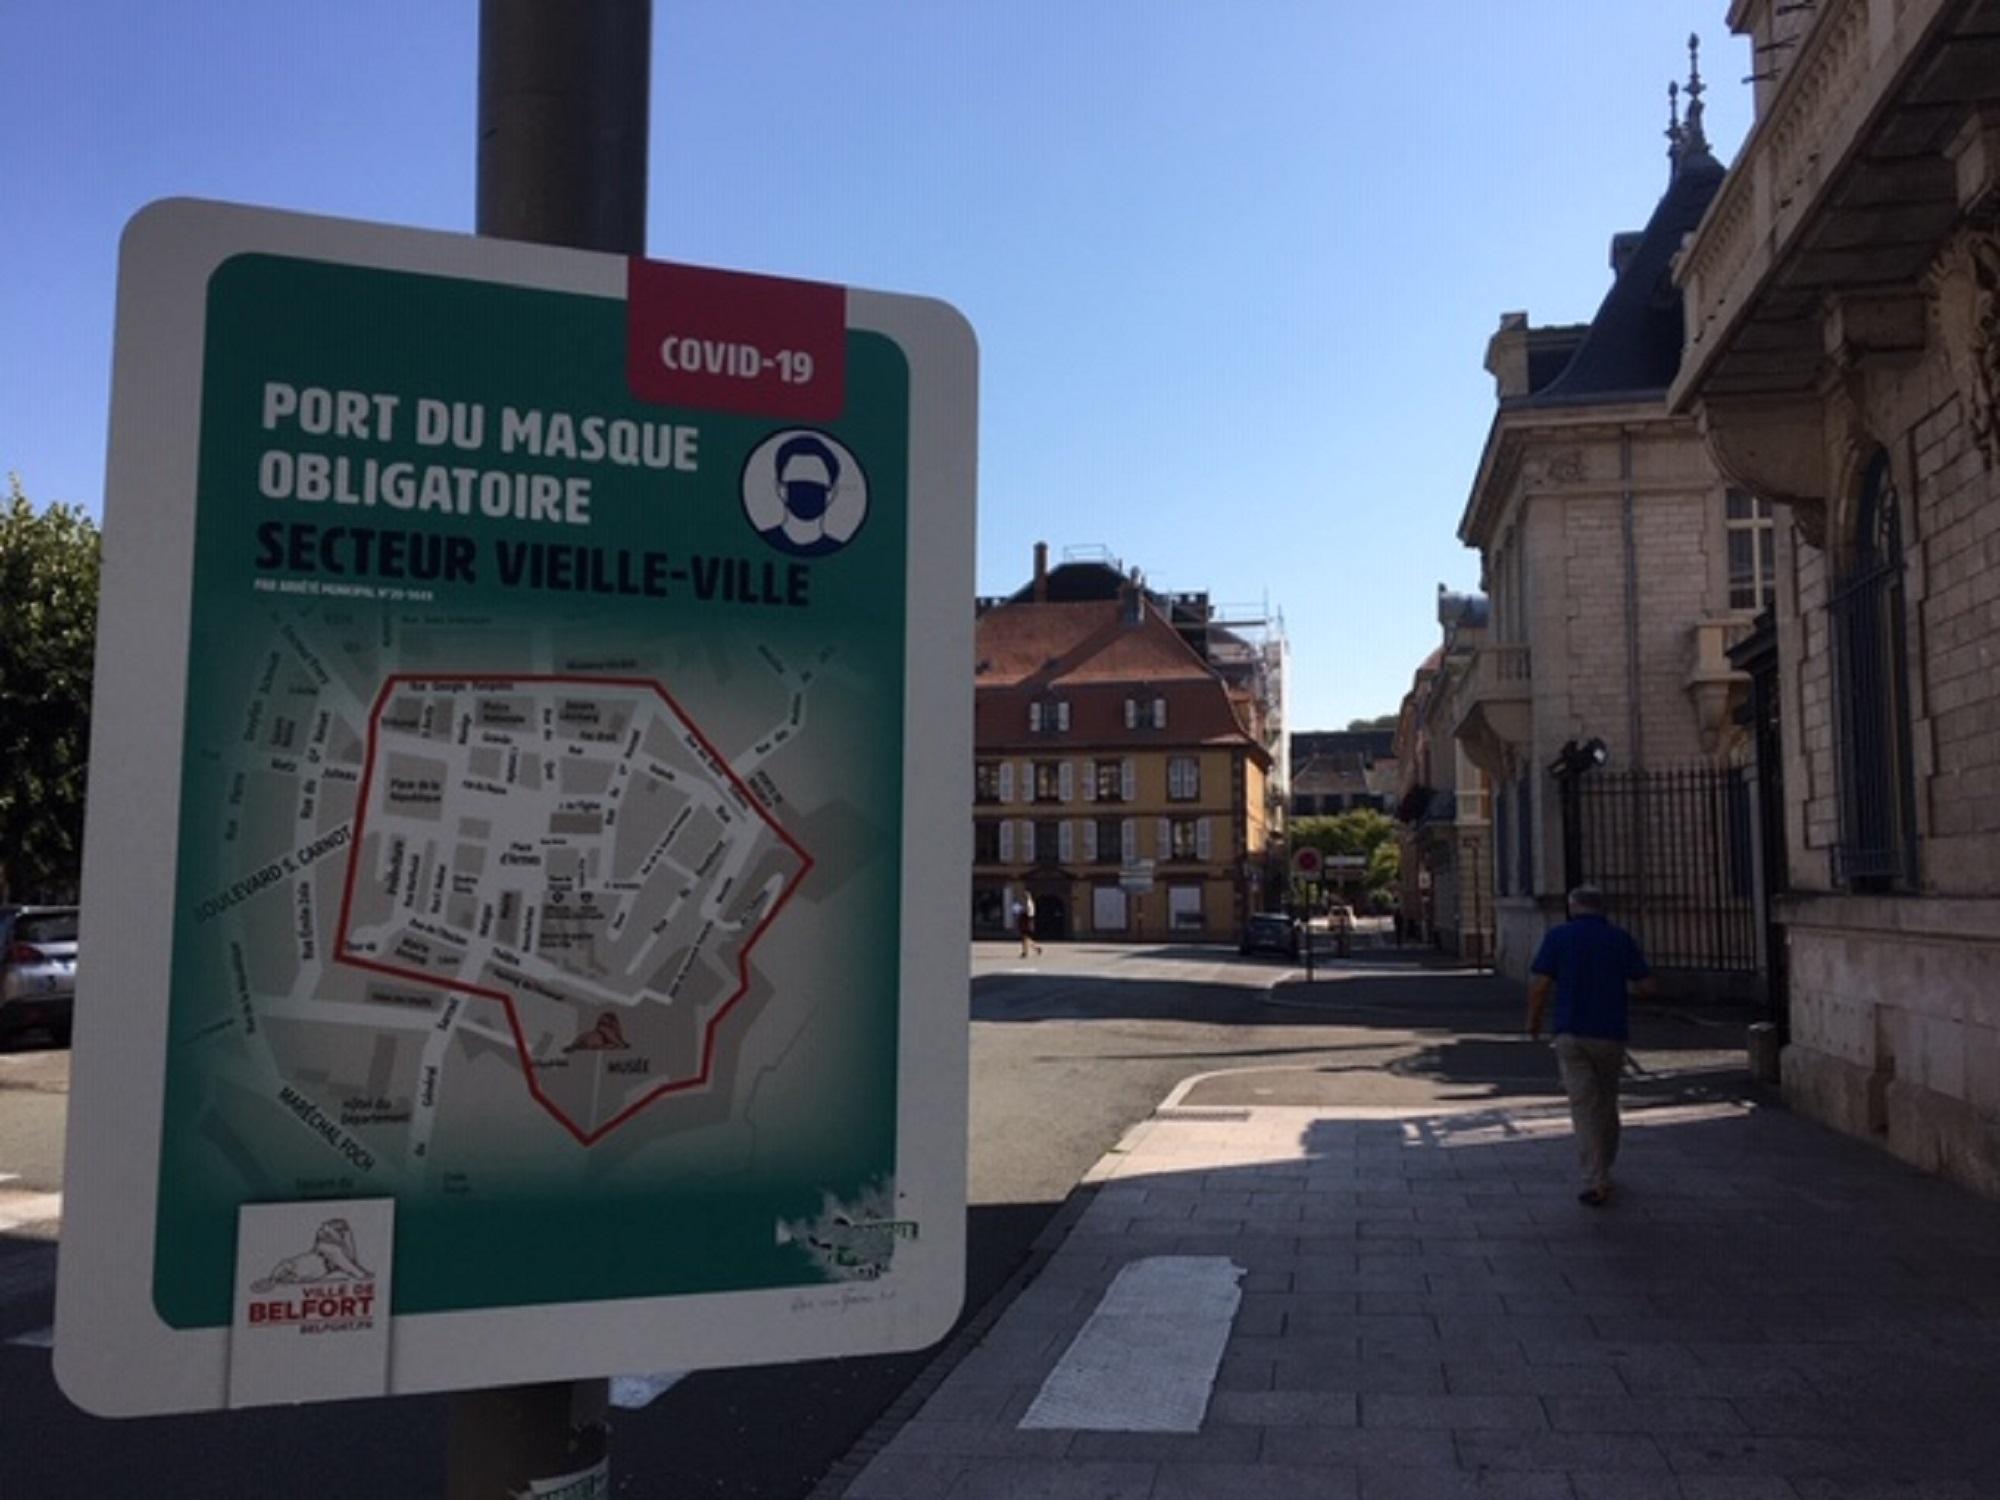 Le port du masque devient obligatoire dans toute la ville de Belfort, et non pus dans certaines zones.